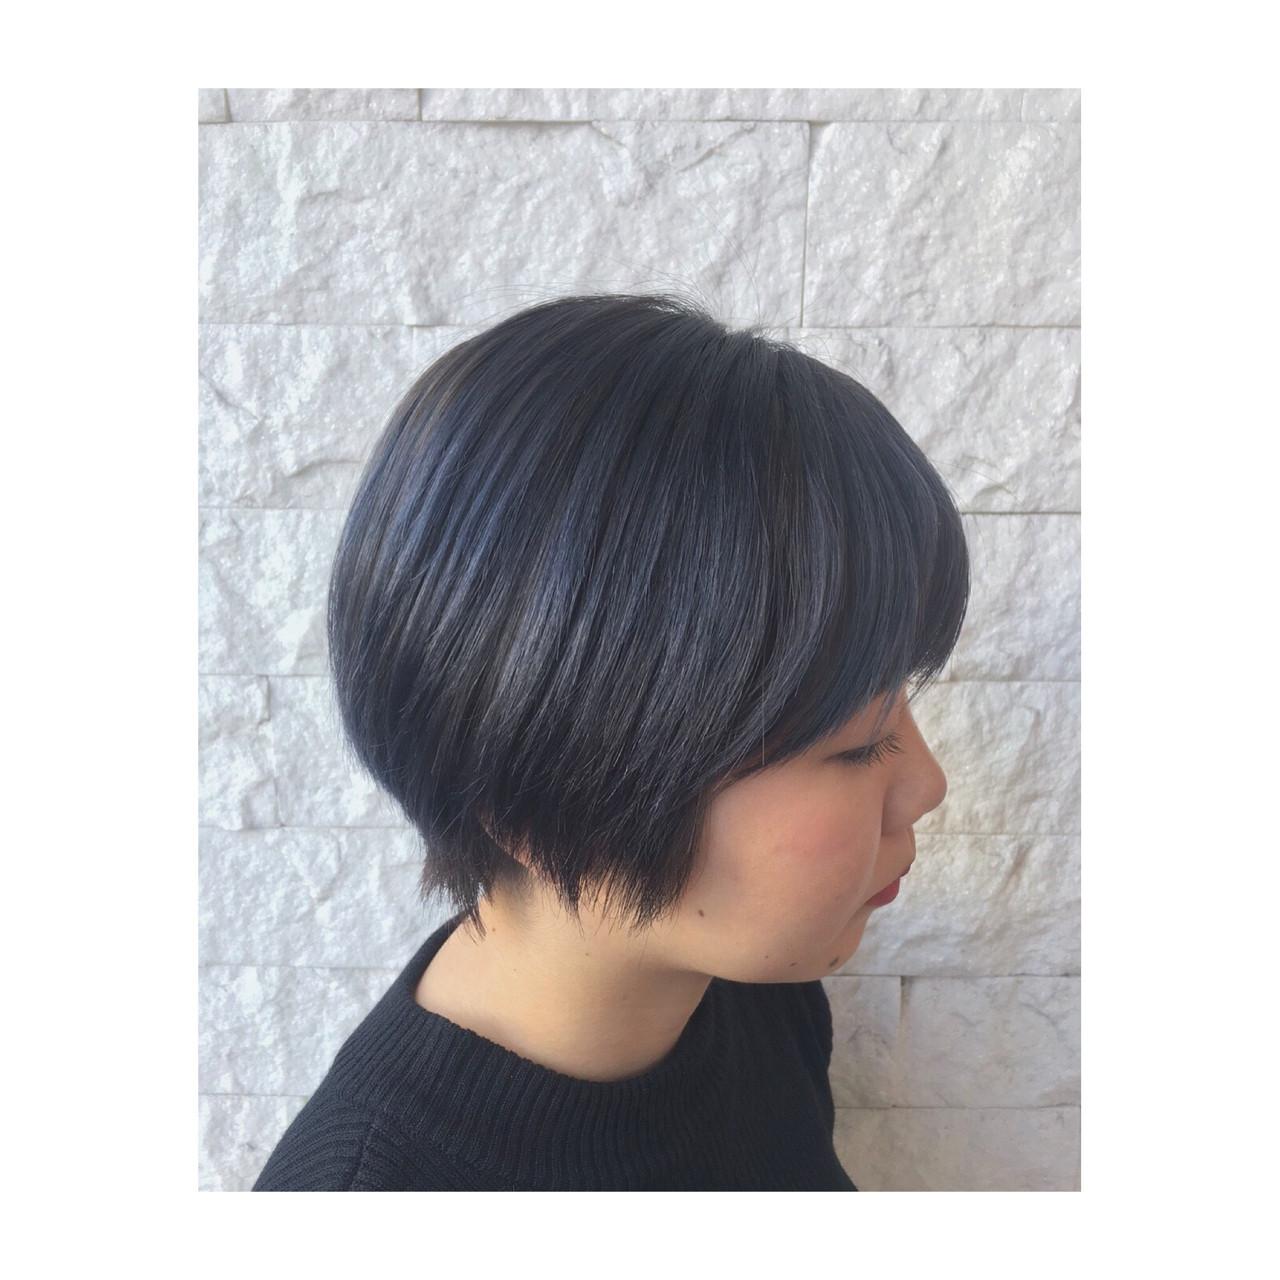 ストリート ブルーアッシュ ブルー ネイビー ヘアスタイルや髪型の写真・画像